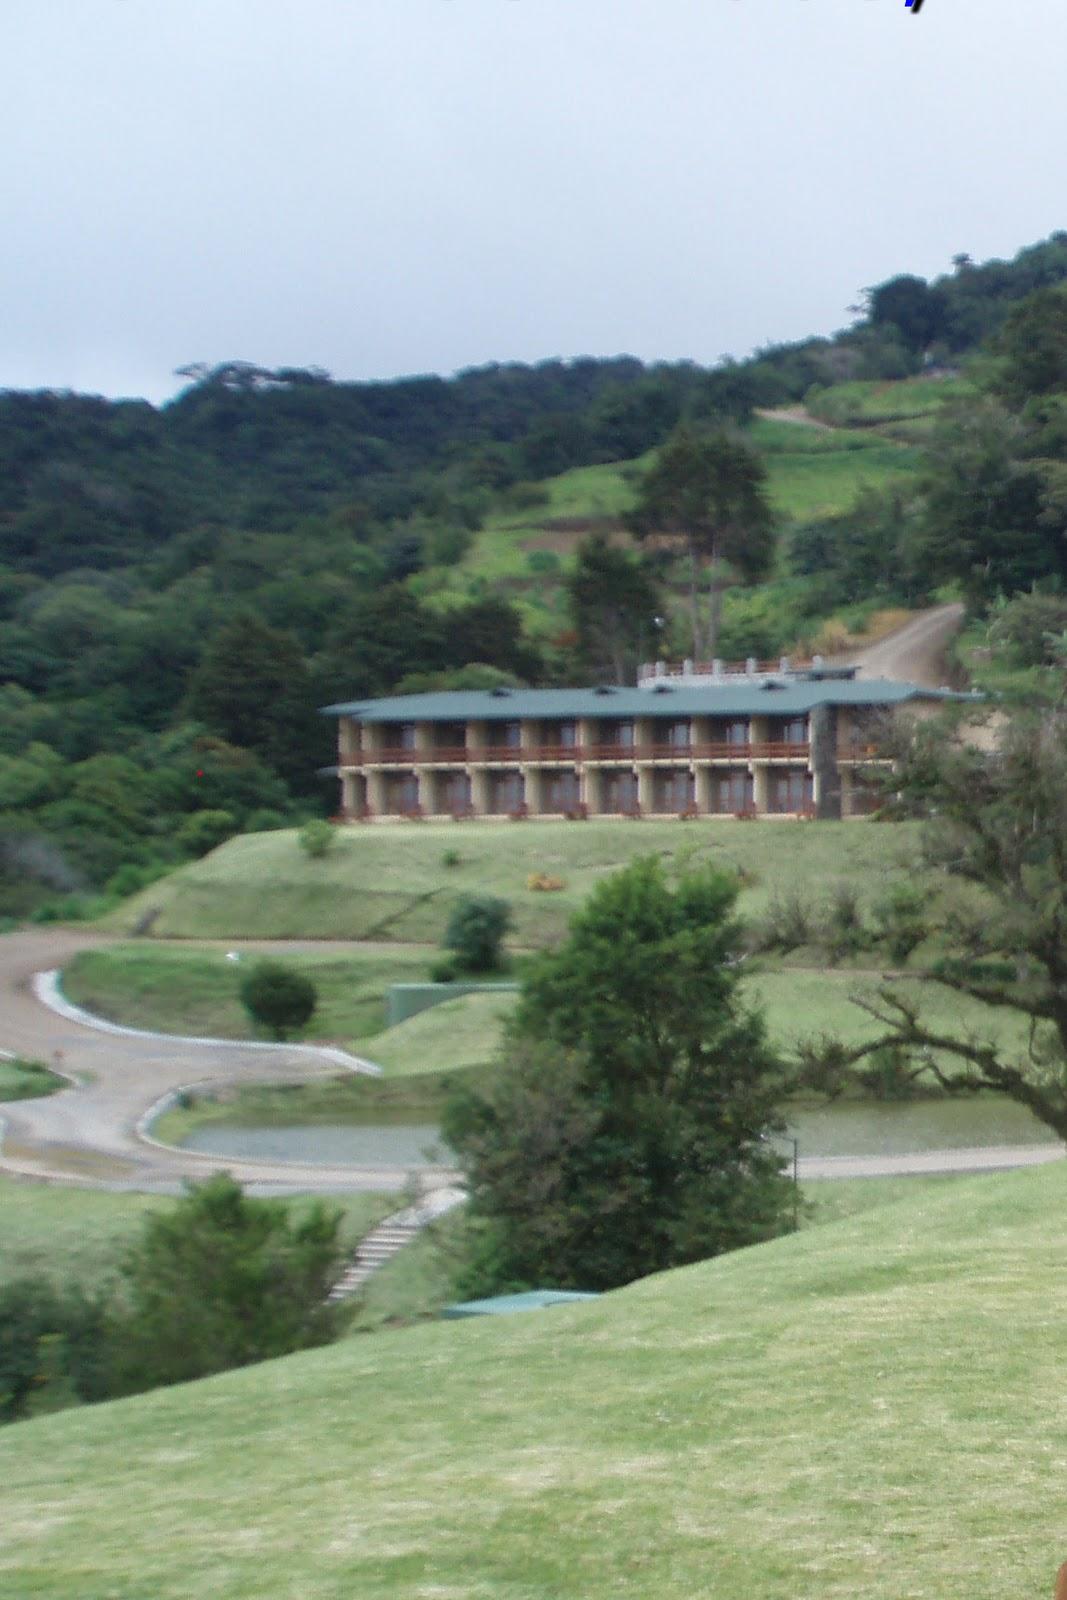 L Tur Hotel La Tora